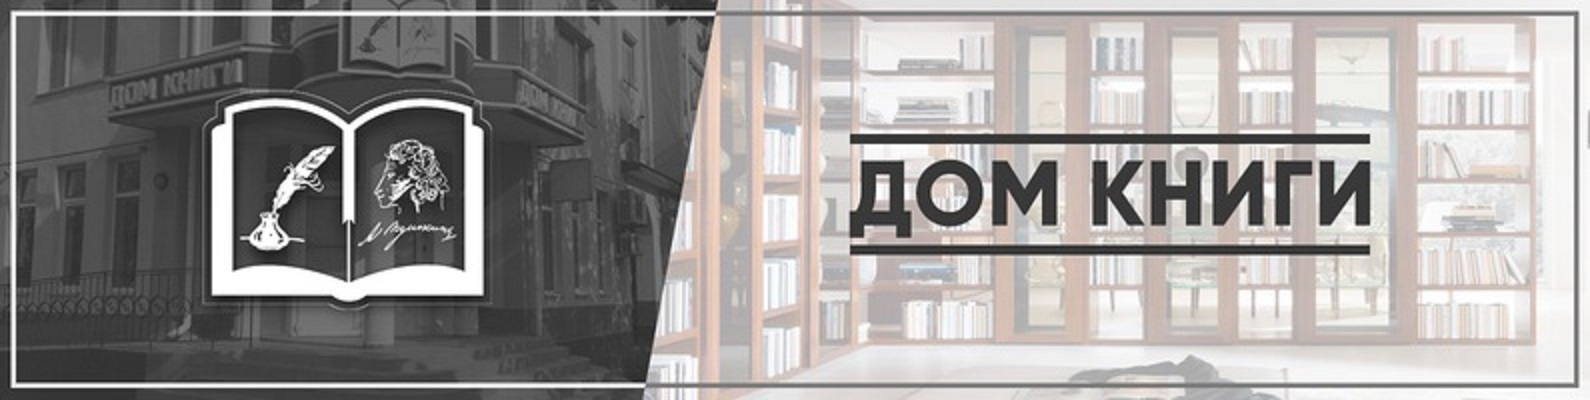 Интернет магазин Дом Книги г.Евпатория